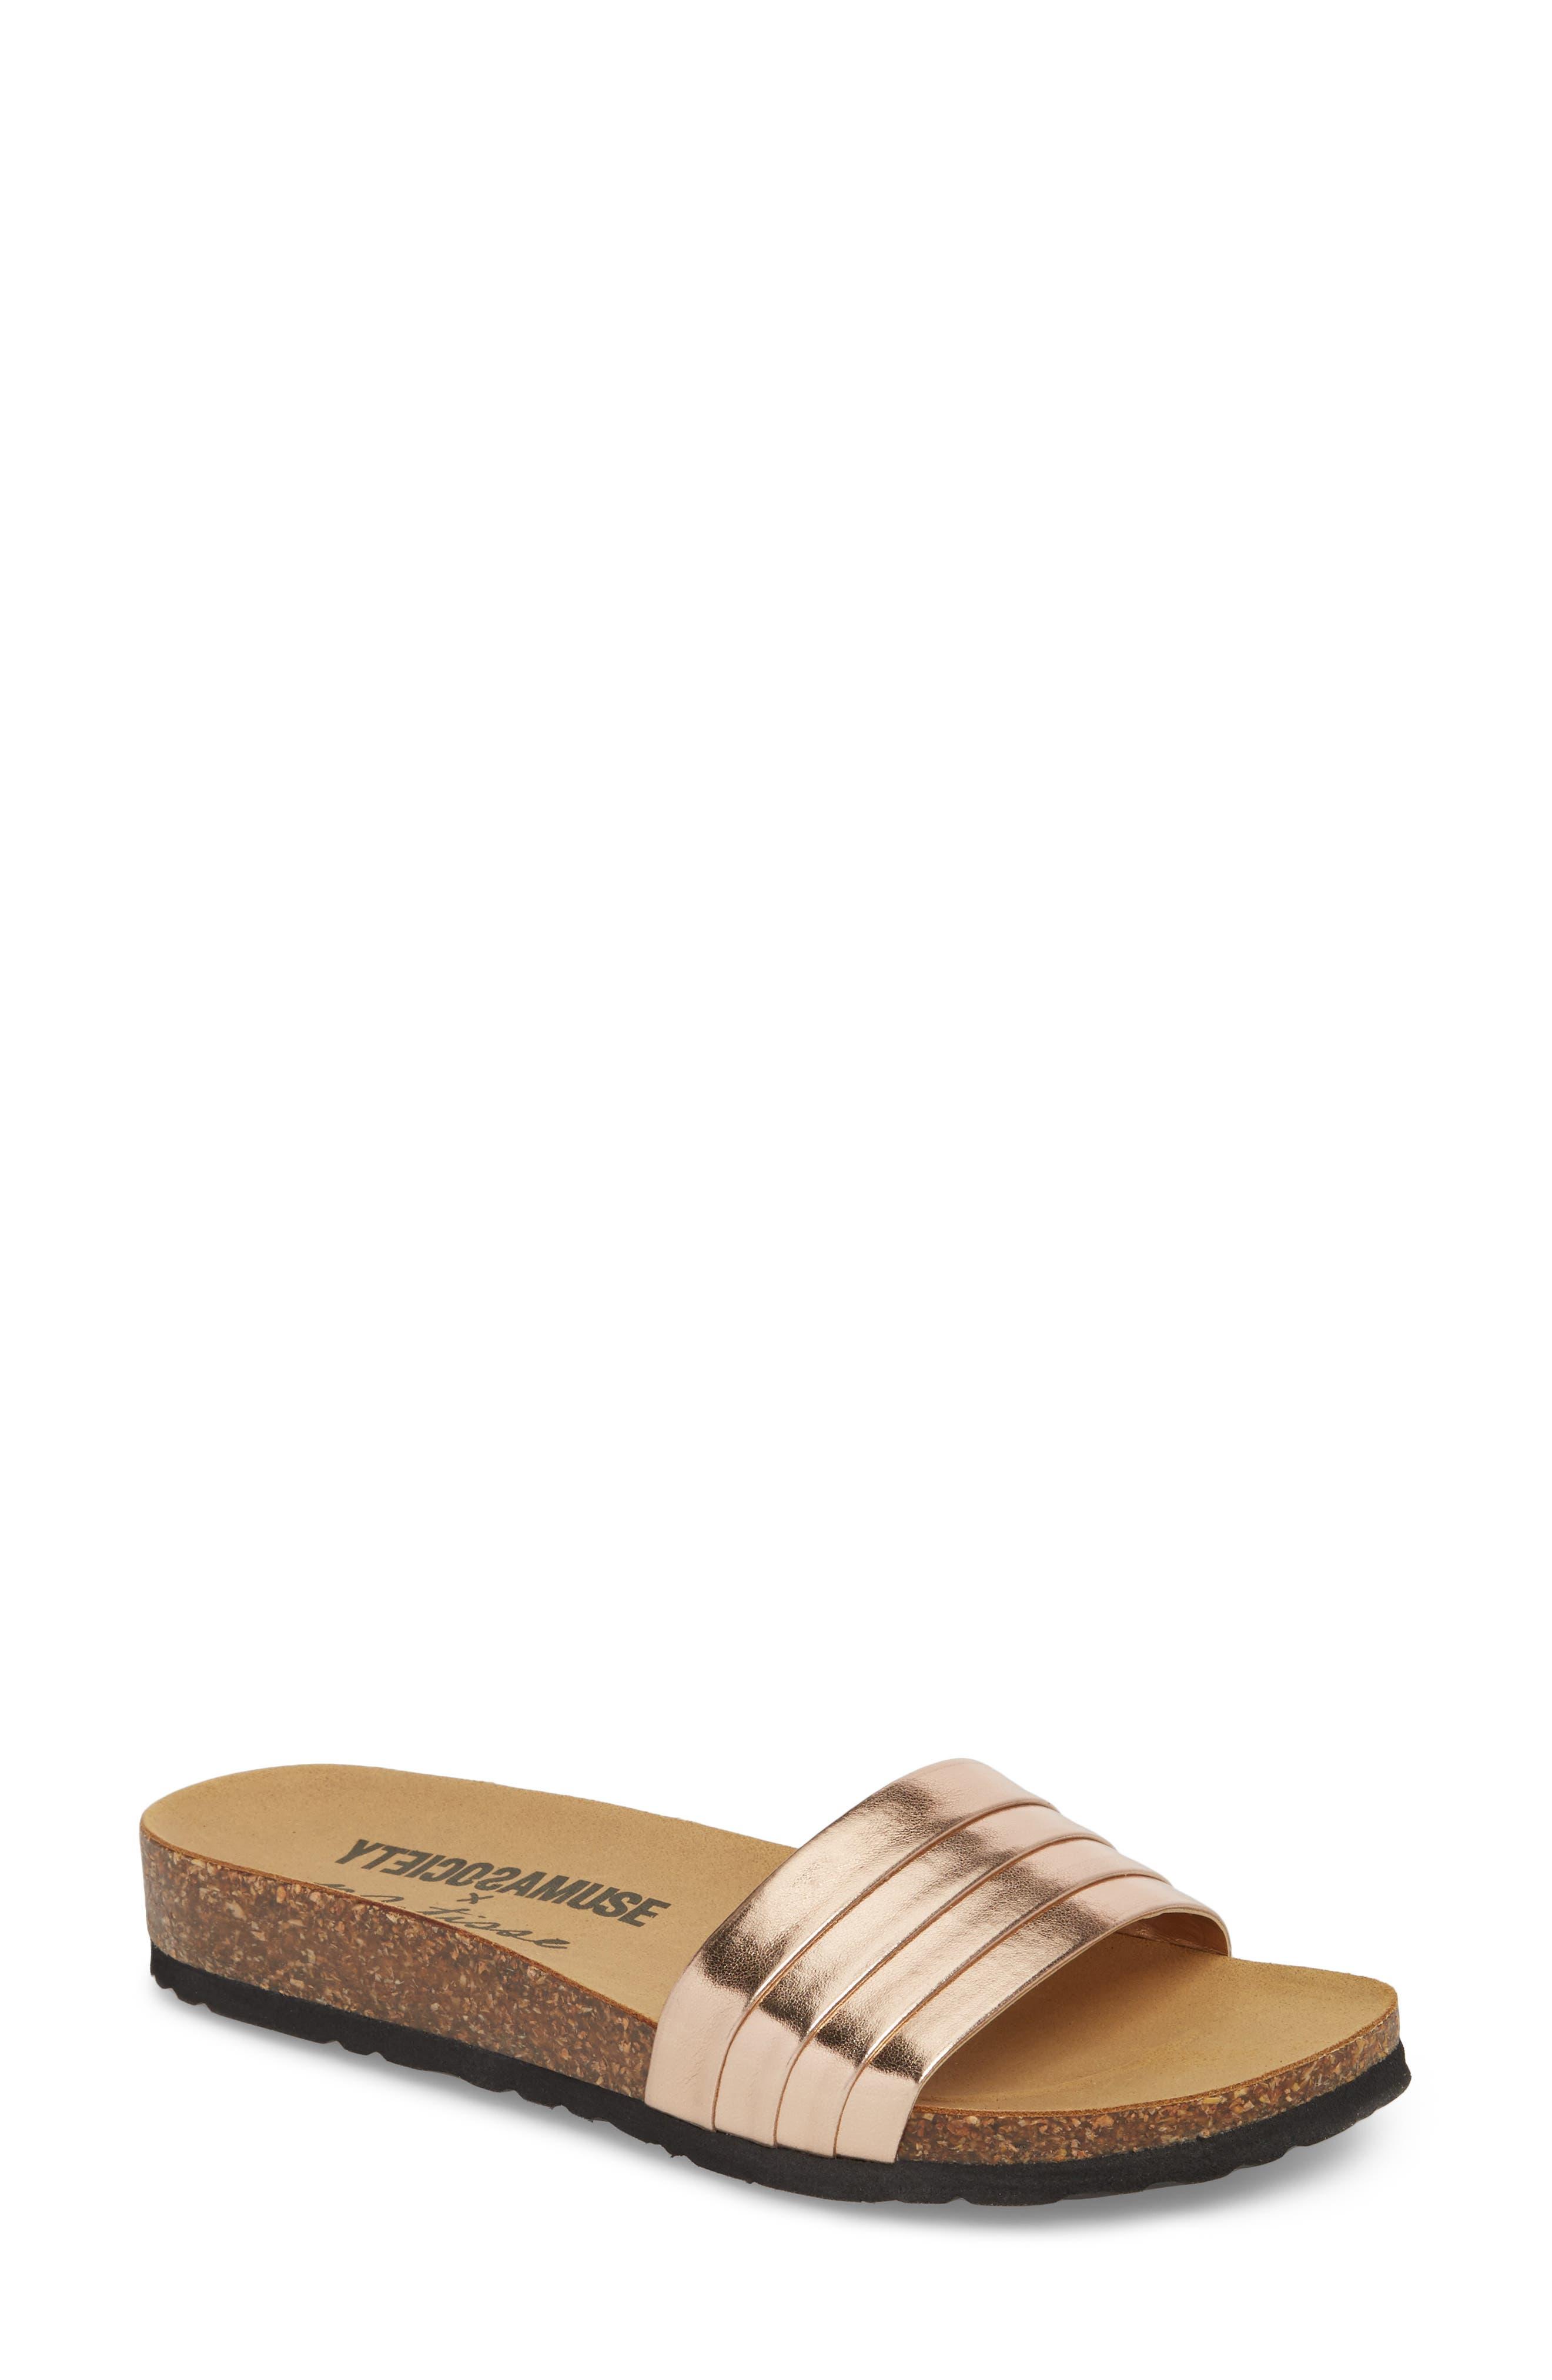 Santos Slide Sandal,                             Main thumbnail 1, color,                             Rose Gold Faux Leather